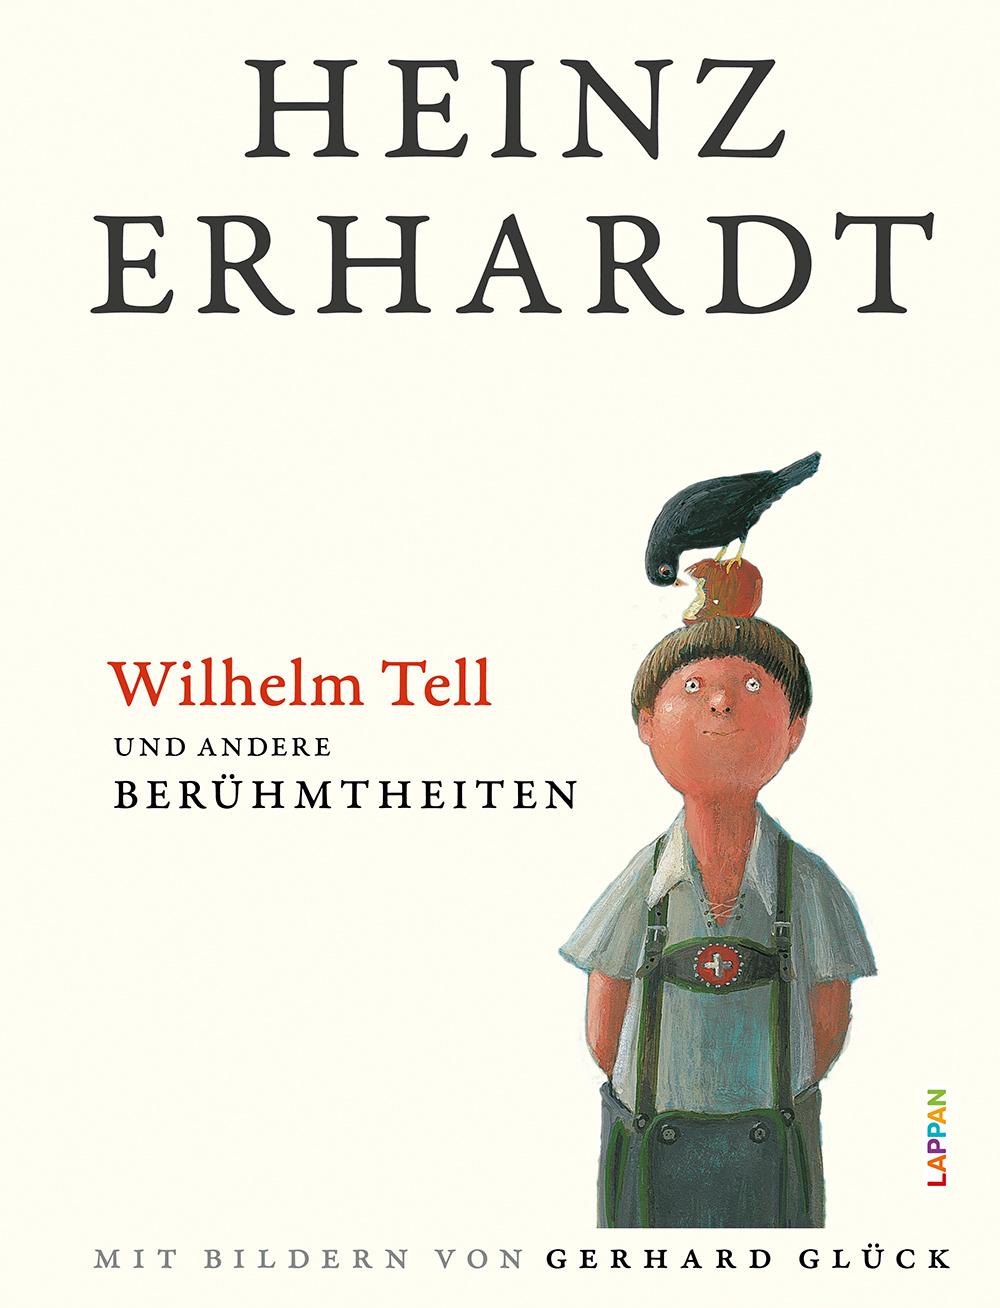 Heinz Erhardt: Wilhelm Tell und andere Berühmtheiten